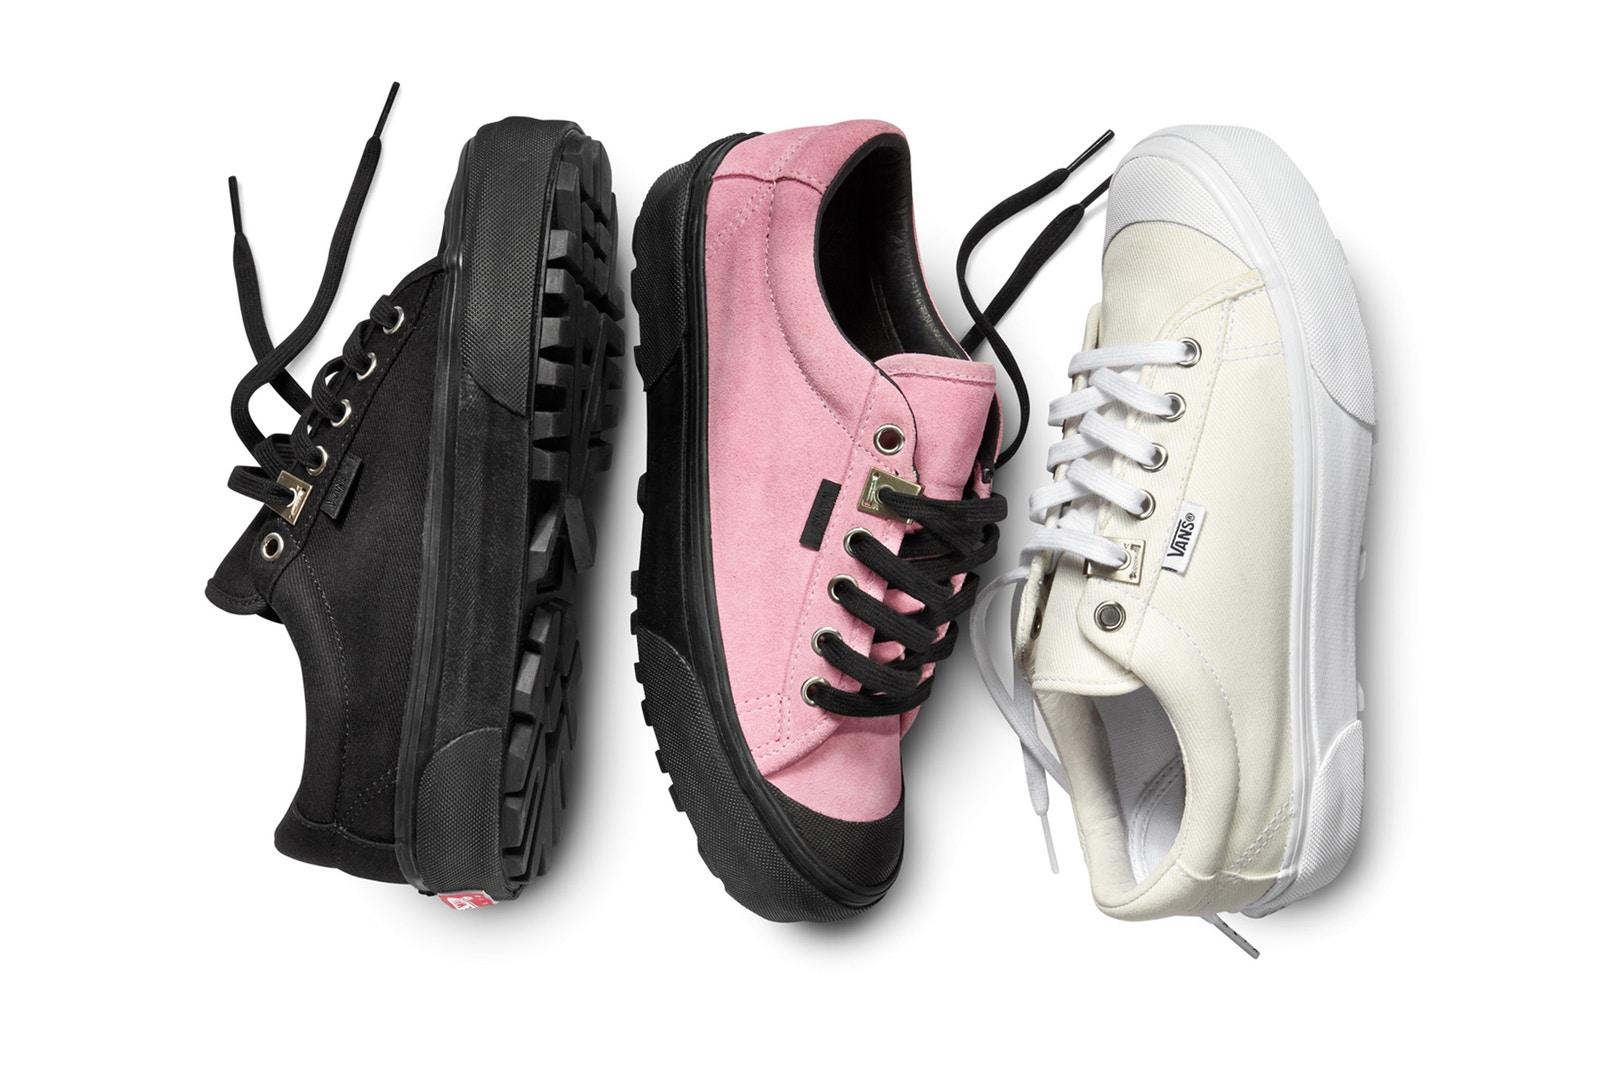 giay sneakers - elle man - ALYX x Vault by Vans 2